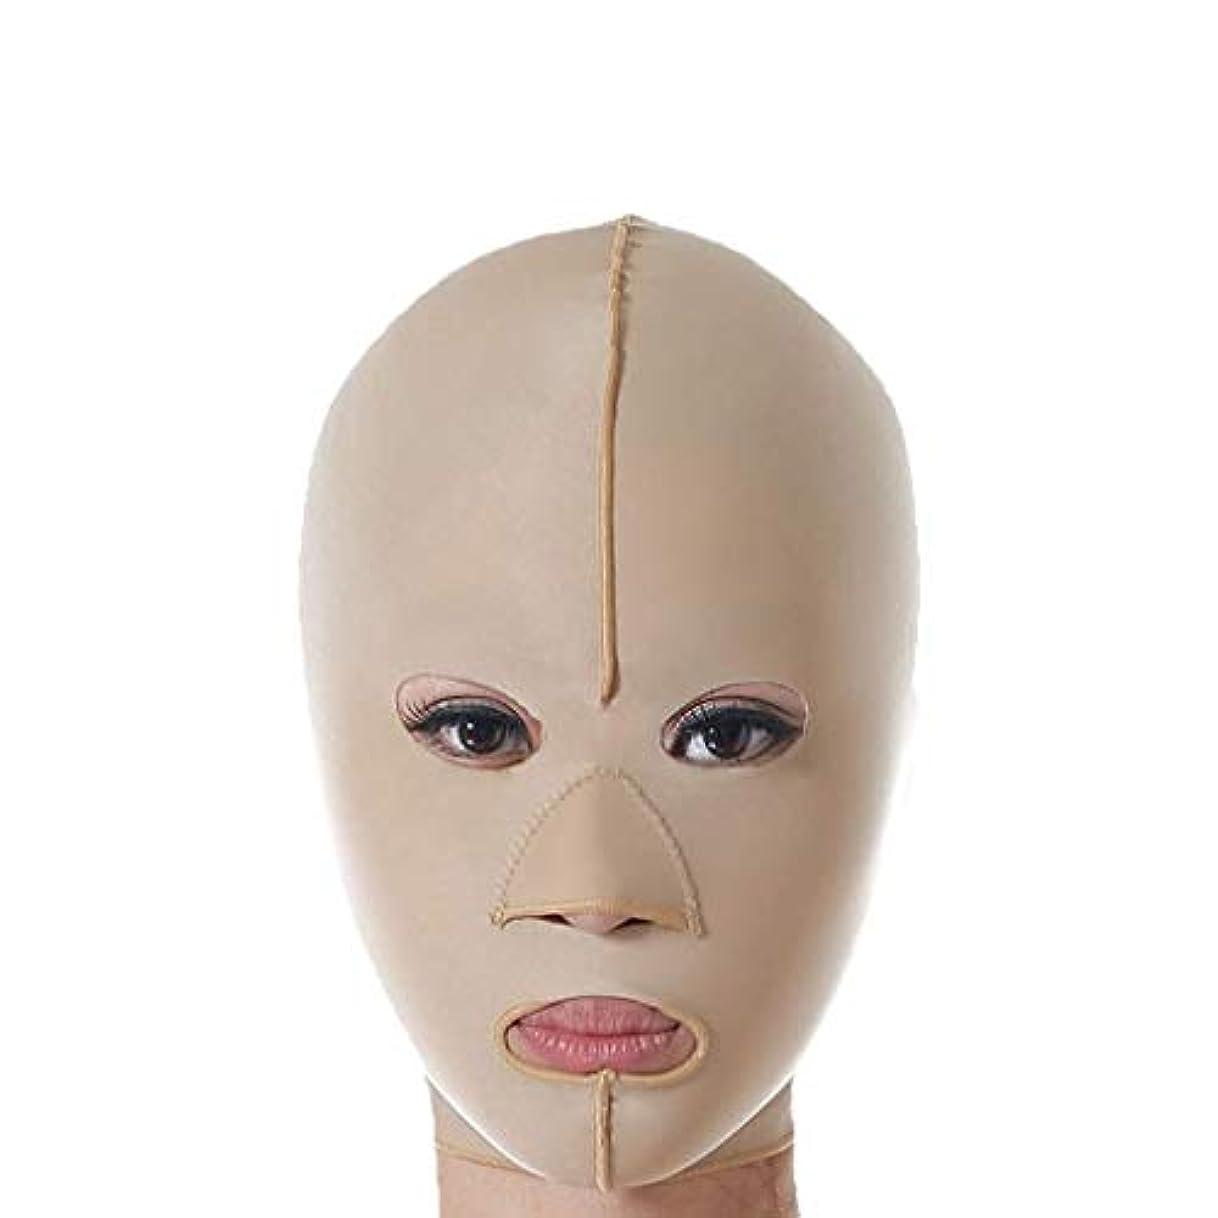 羨望失効ゆでる減量フェイスマスク、リフティング包帯、スリムフェイスリフトリフティングベルト、フェイシャル減量リフティング包帯、リフティングファーミング包帯(サイズ:XL),M